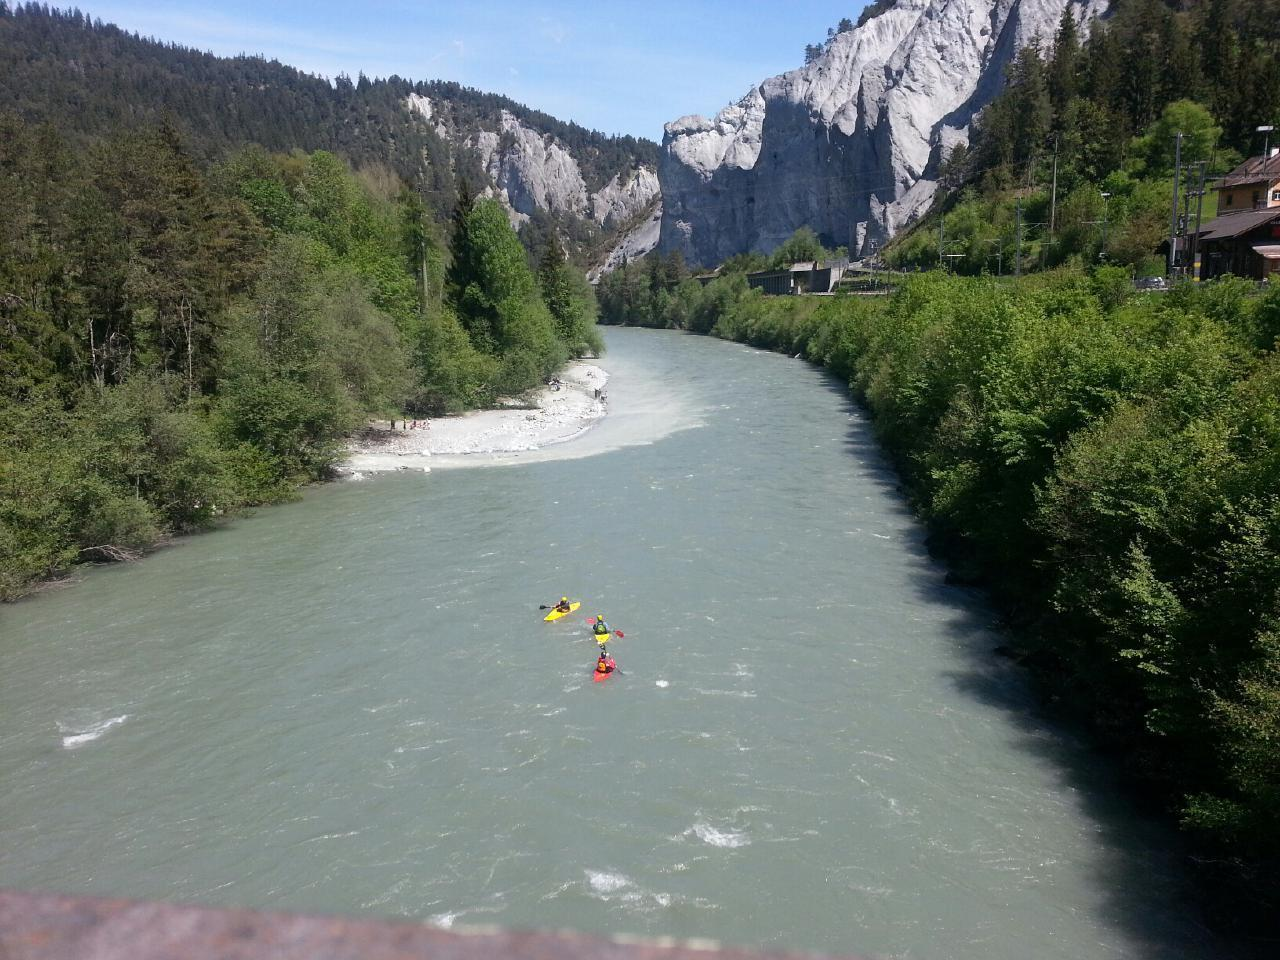 Ferienwohnung Seeblick Fraissen (1146940), Laax, Flims - Laax - Falera, Graubünden, Schweiz, Bild 19